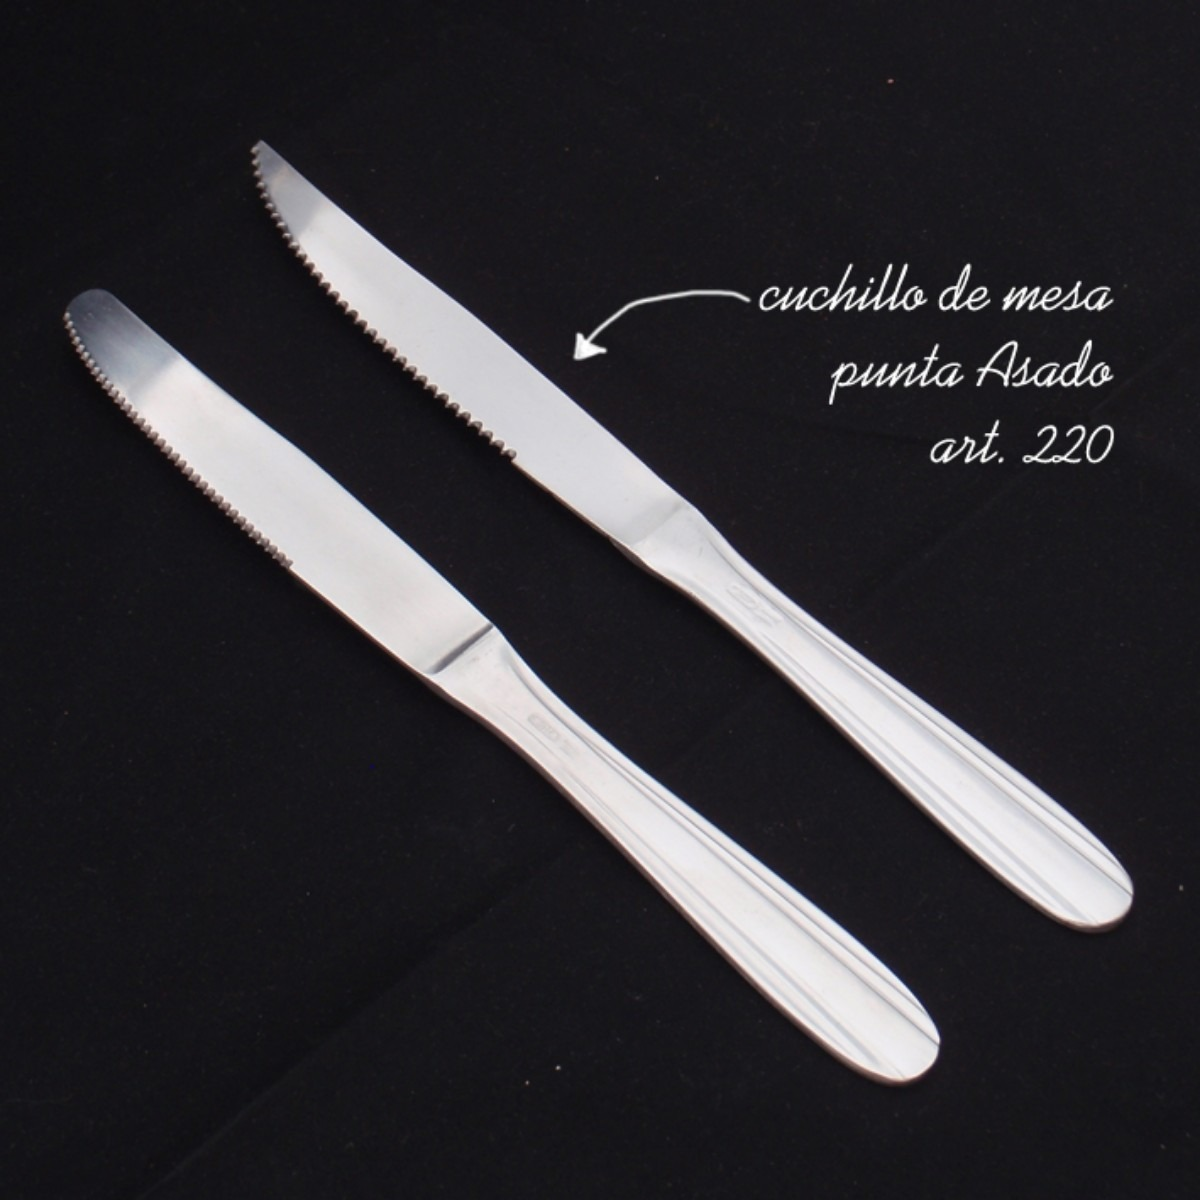 Cuchillos de mesa punta asado acero inoxidable 10 docenas...